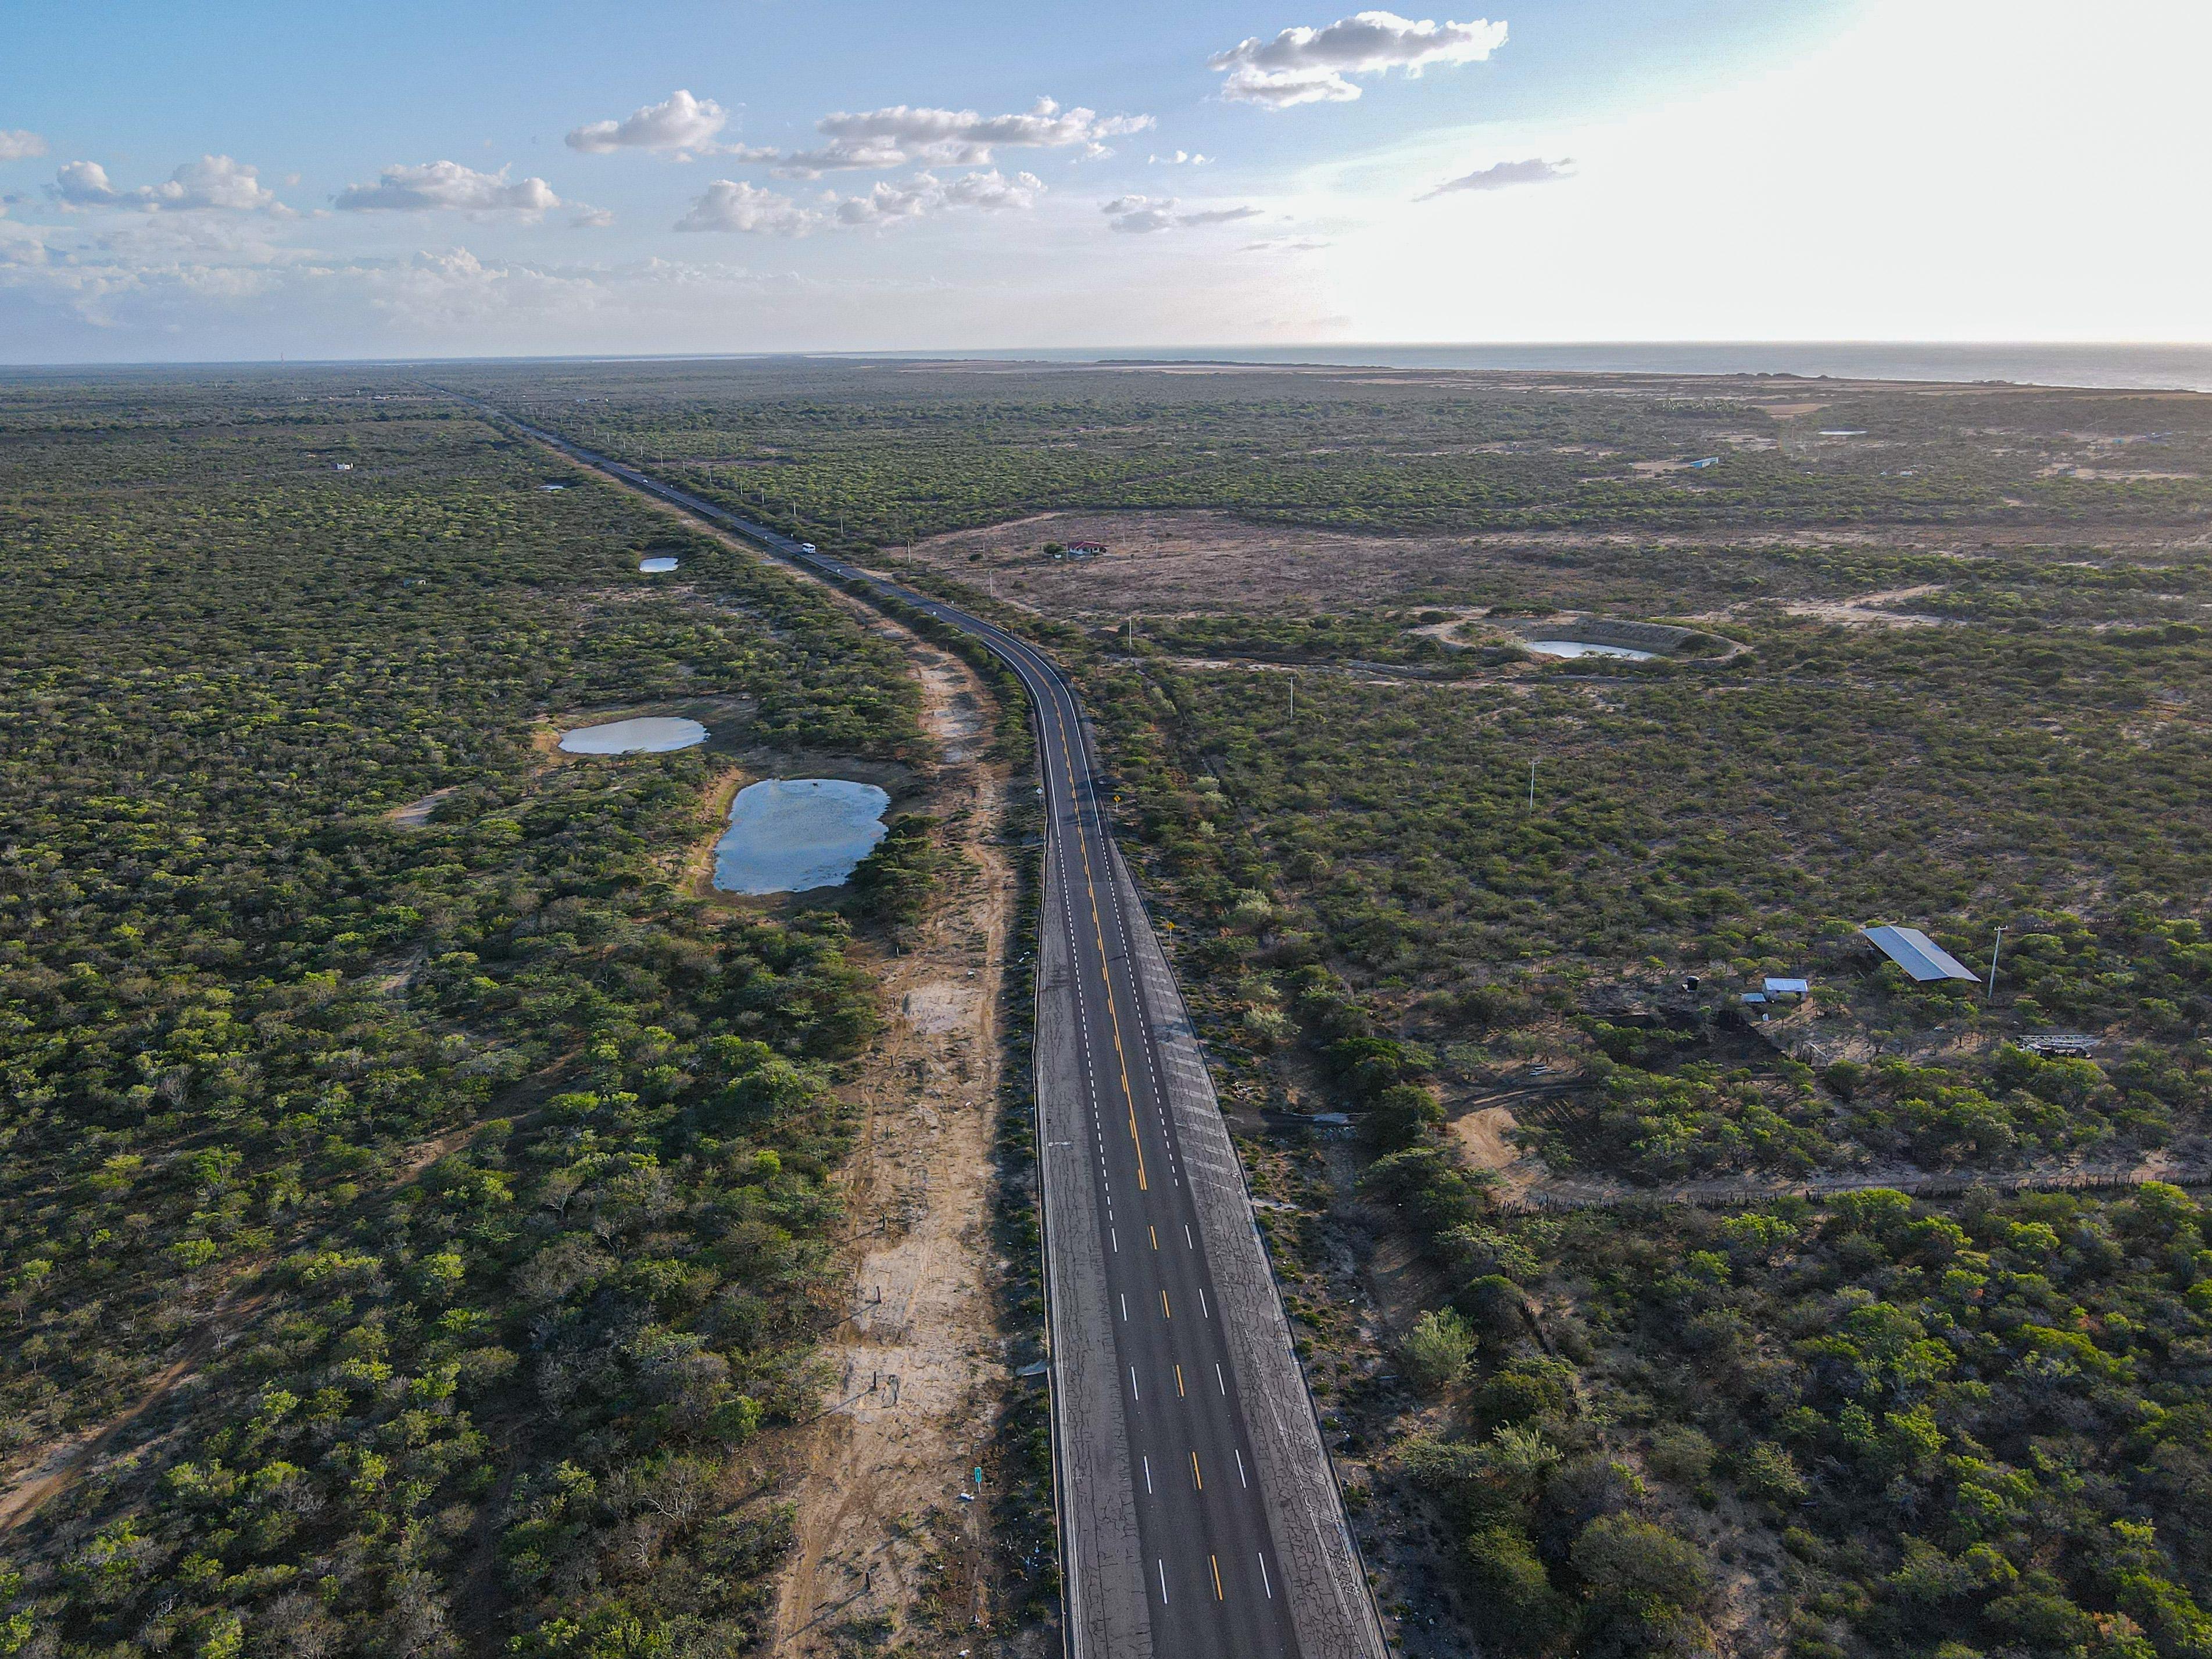 El Gobierno Nacional finalizó el mantenimiento de 285 km del corredor Santa Marta – Riohacha – Paraguachón, clave para la conectividad de la Costa Caribe